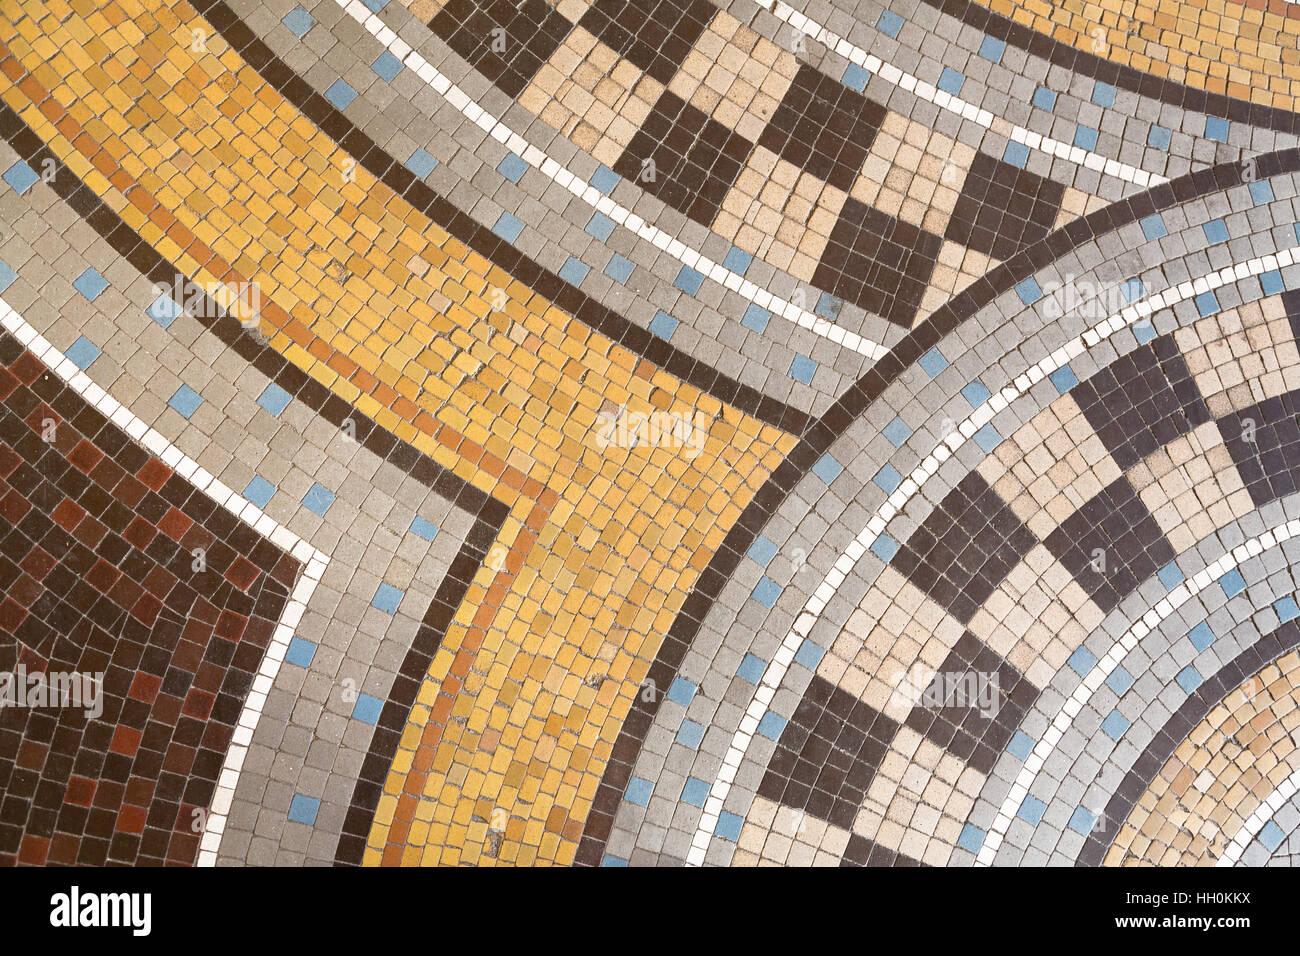 Mosaik Fliesen Abstrakten Hintergrund In Den Farben Braun, Gelb, Beige, Weiß  Und Blau.